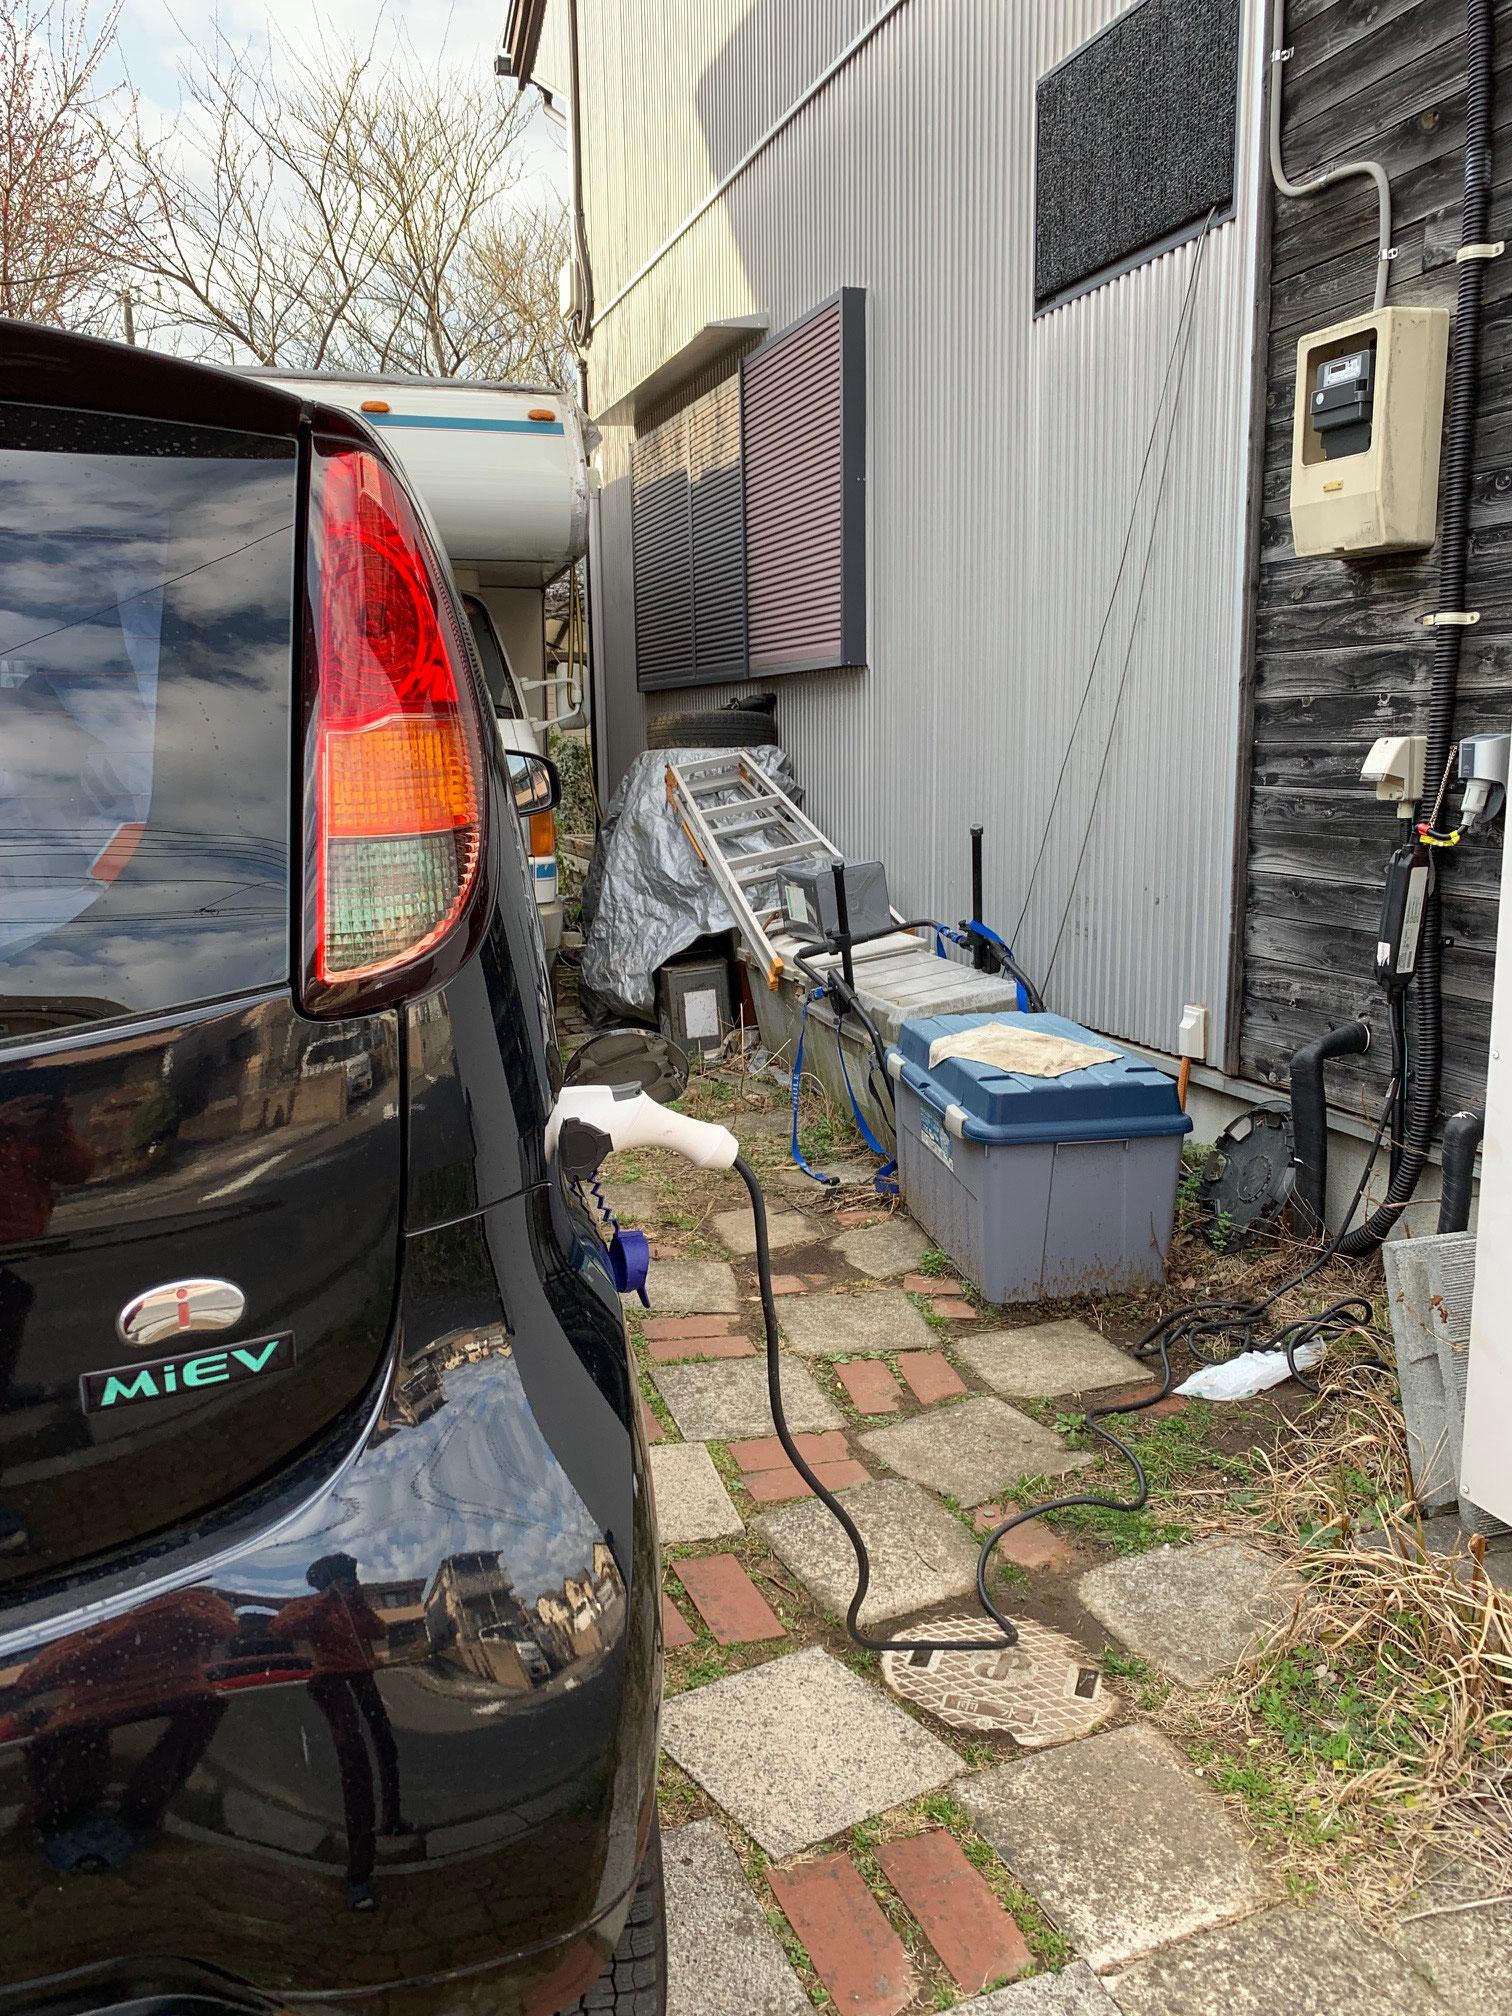 電気自動車 アイミーブの蓄電池からの充電も